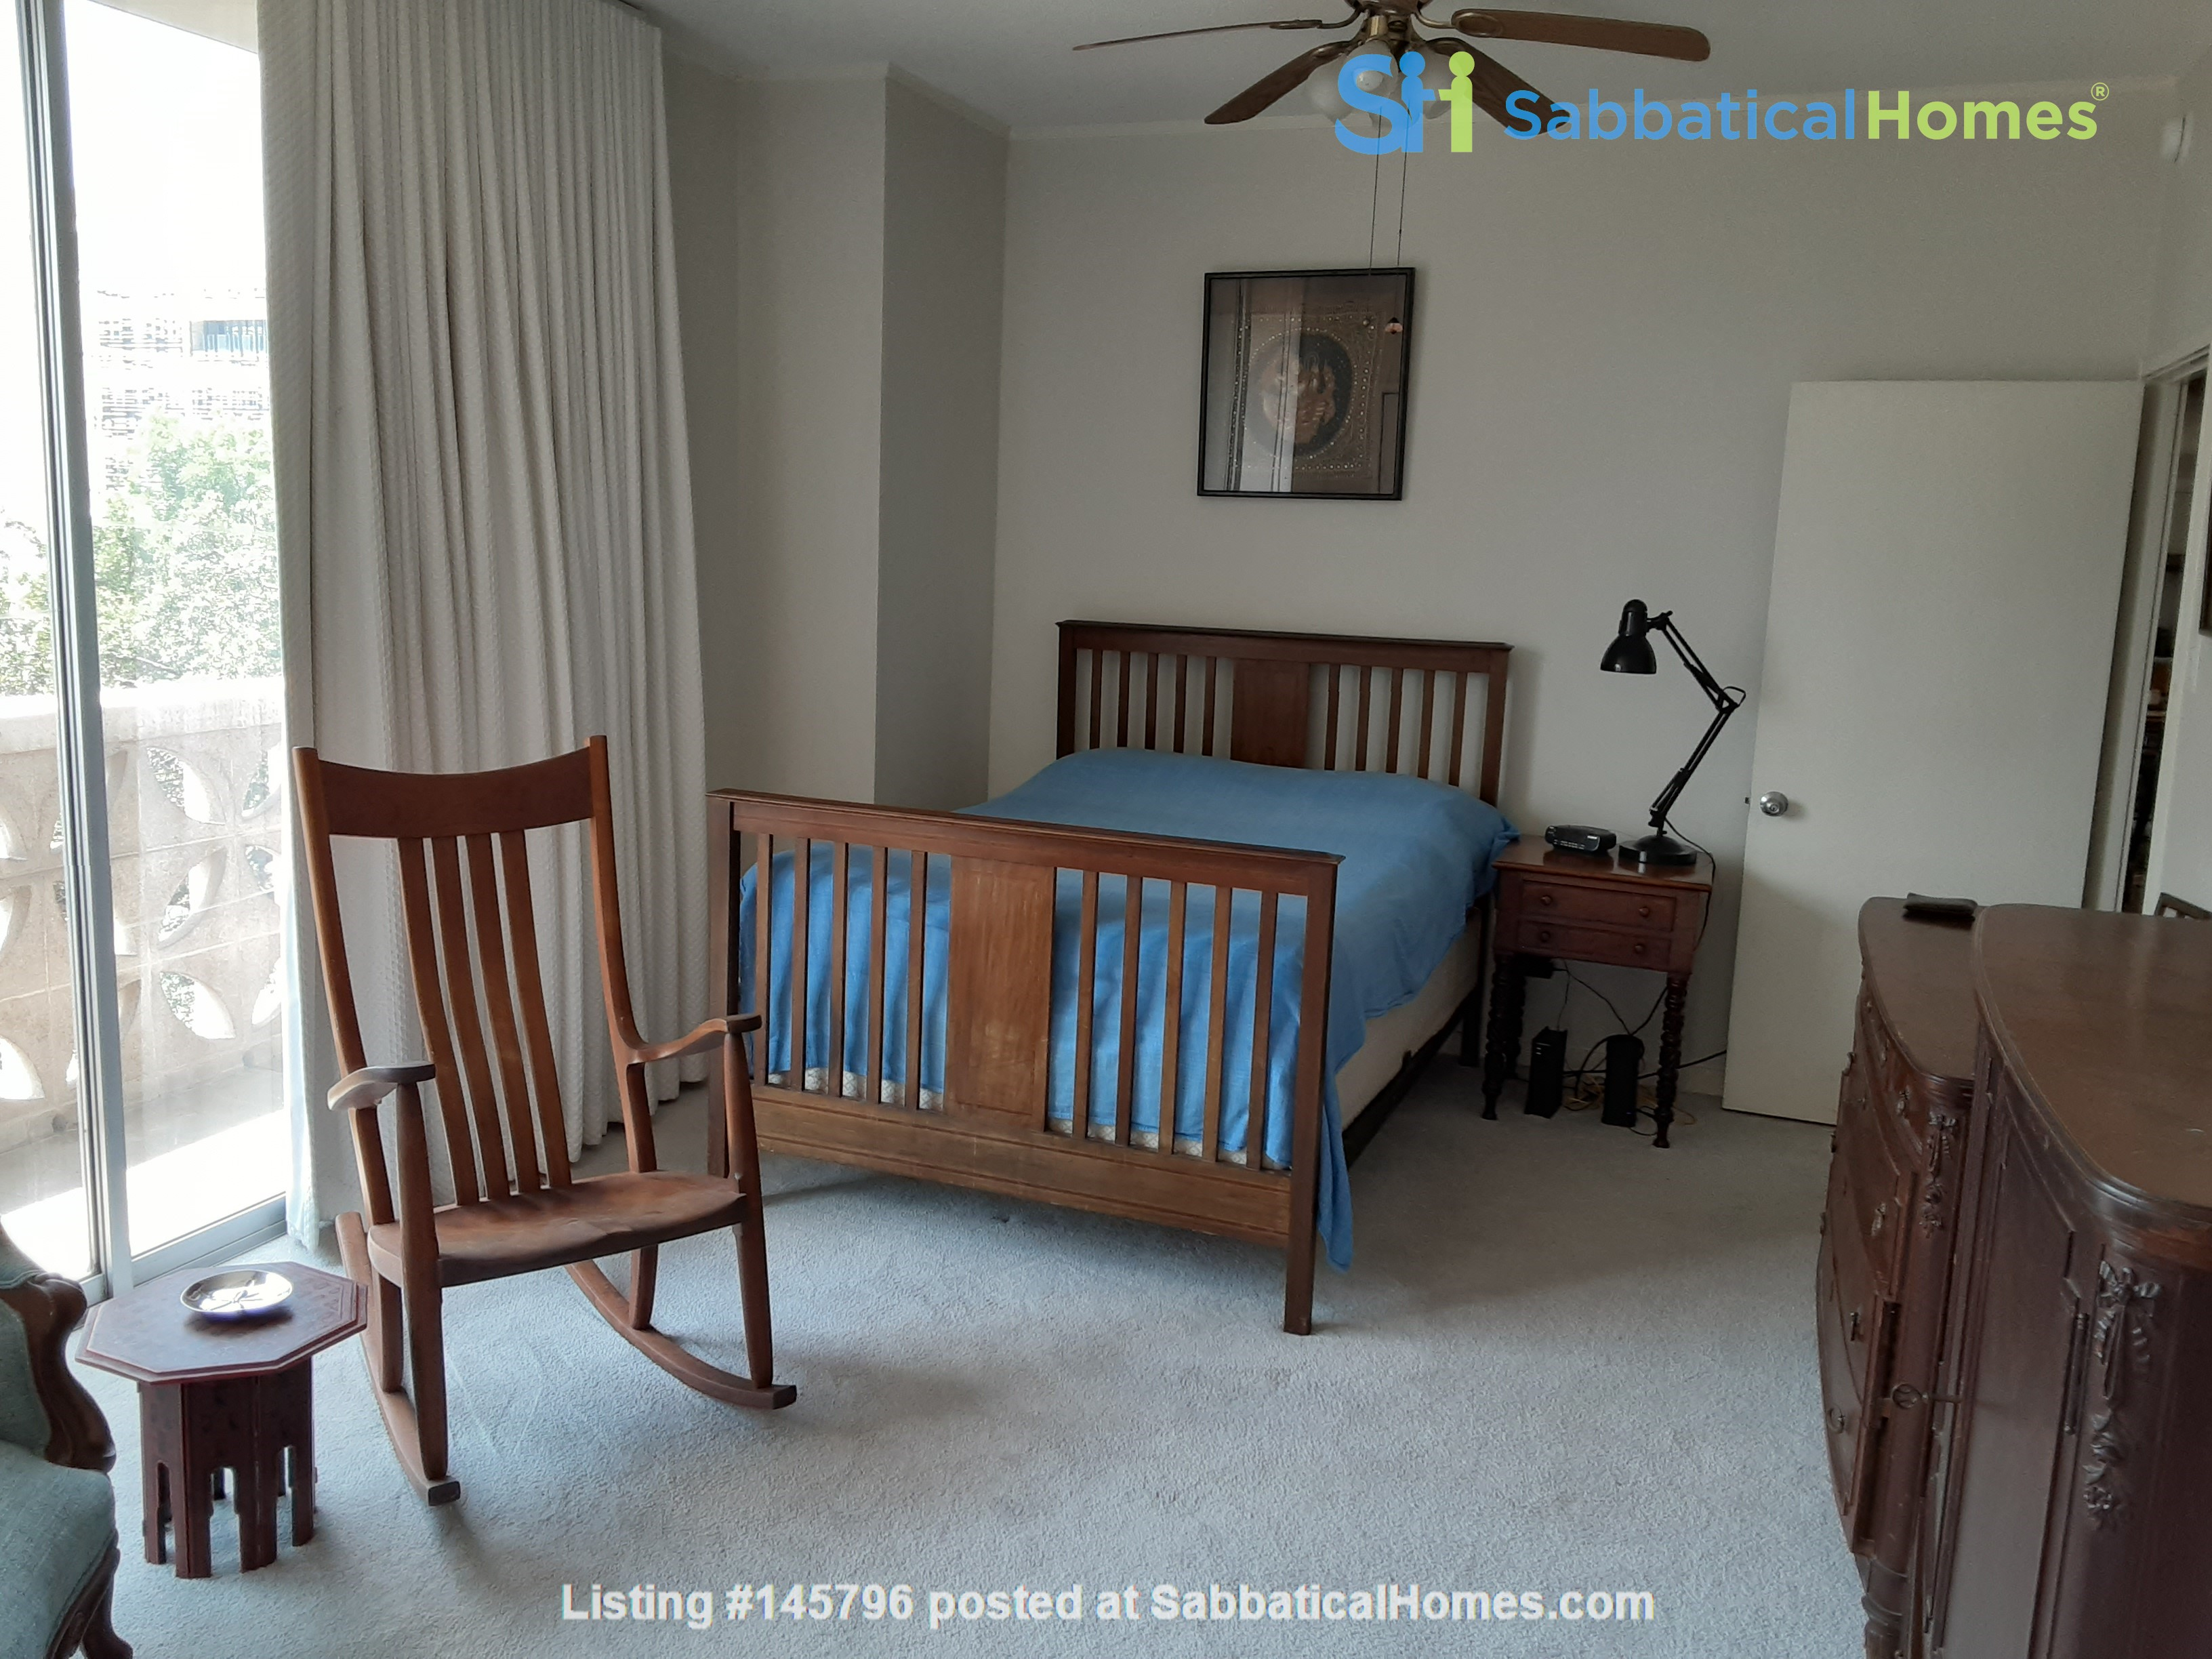 Airy 2-bd, 2-bth condominium facing UT campus. Home Rental in Austin 7